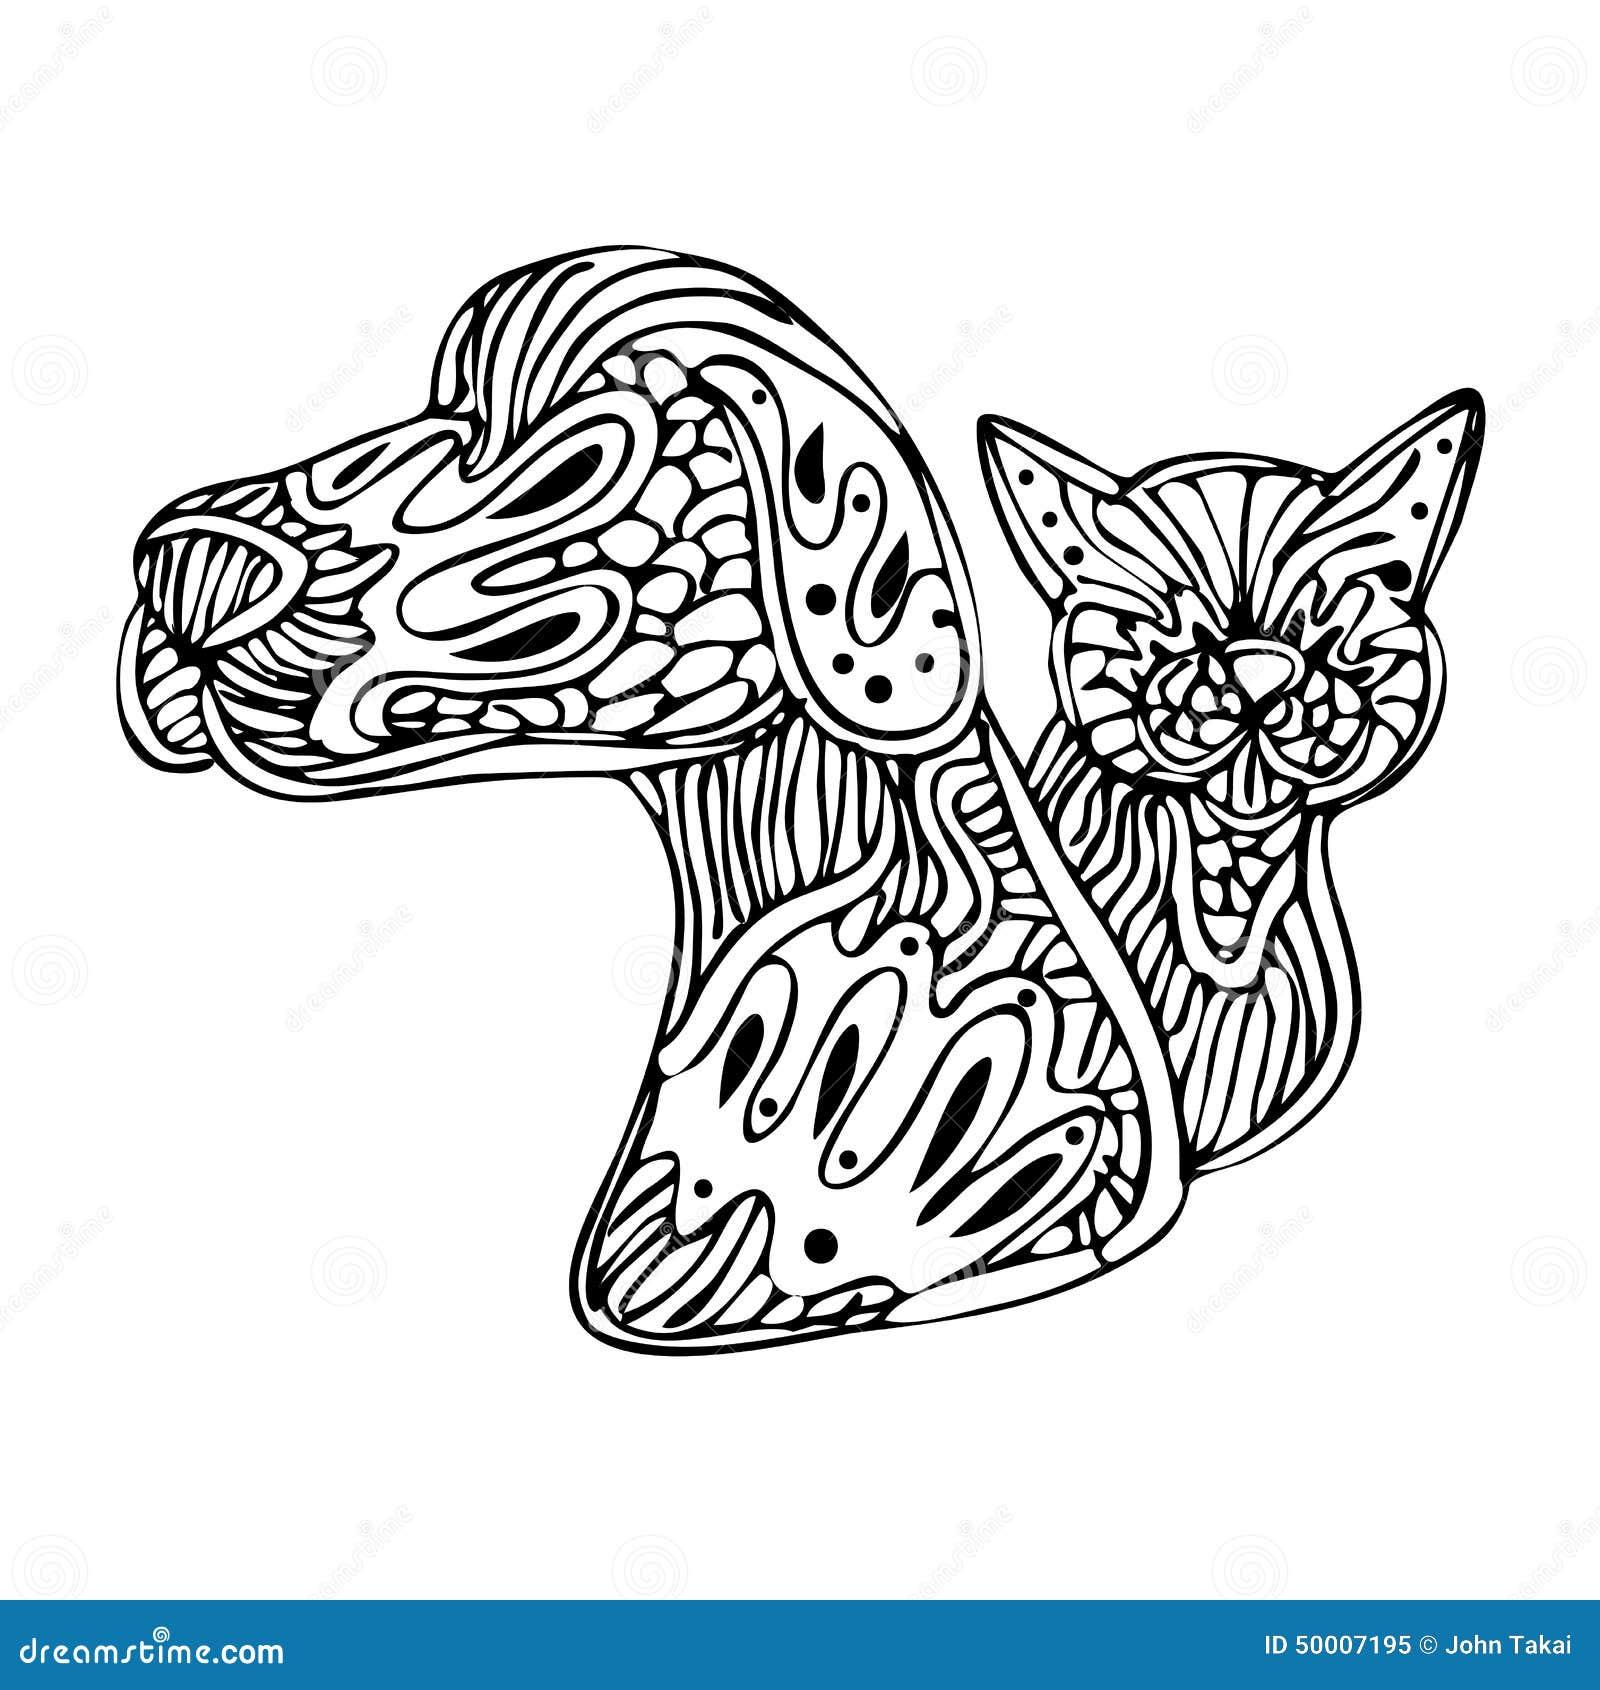 Kleurplaat Katten En Paarden C 227 O E Gato De Zentangle Ilustra 231 227 O Do Vetor Ilustra 231 227 O De